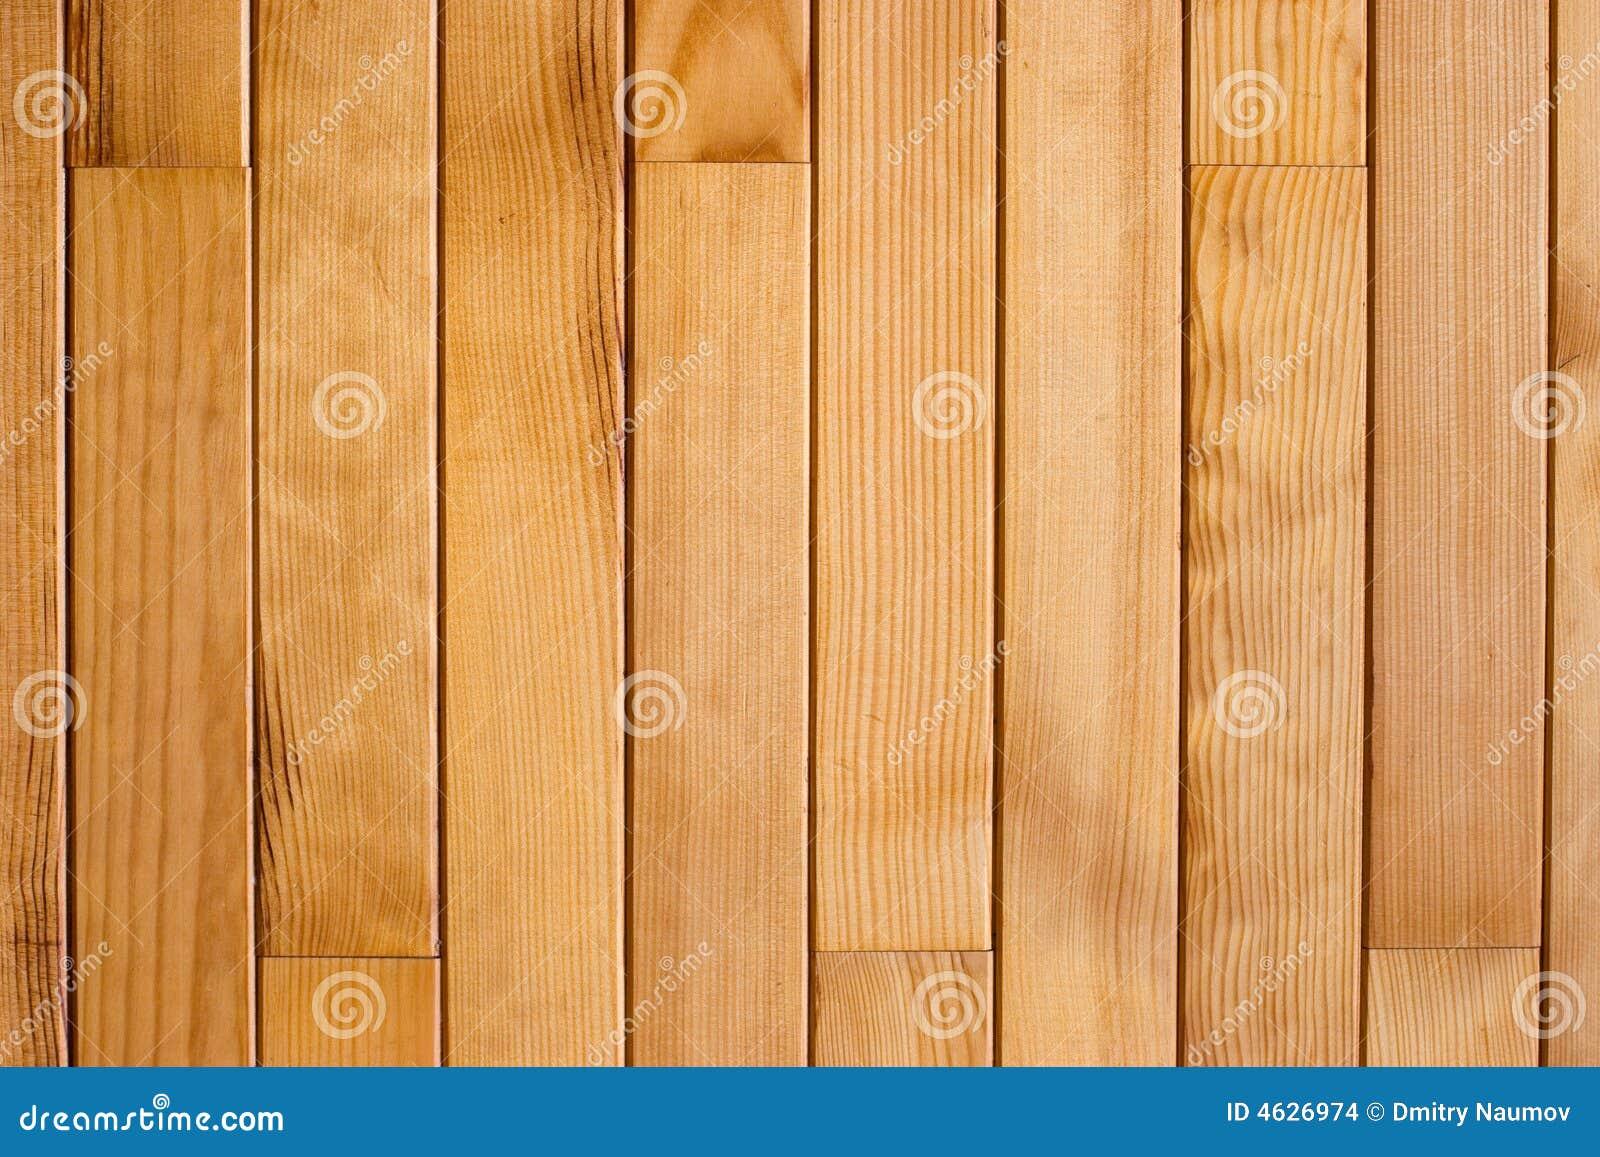 Fondo de madera de los tablones foto de archivo imagen de material roble 4626974 - Tablones de roble ...